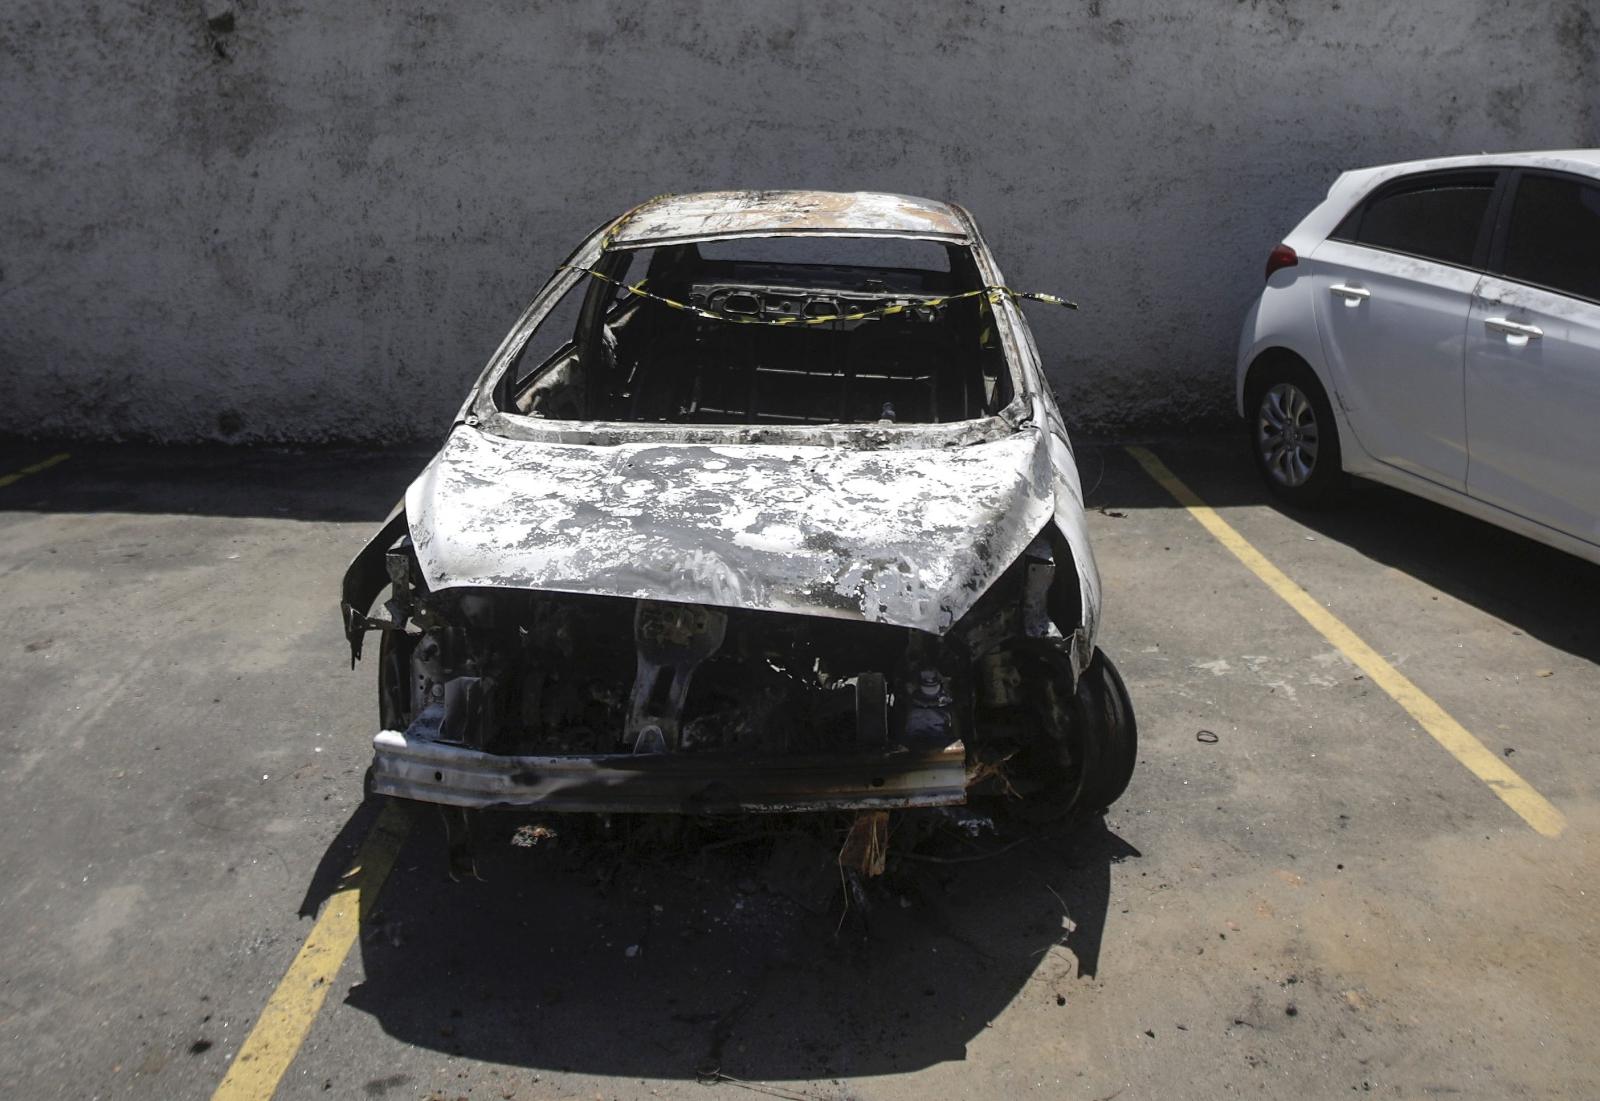 W spalonym samochodzie w niebezpiecznej dzielnicy Nova Iguacu znaleziono ciało ambasadora Grecji w Brasilii, Kyriakosa Amiridisa. Fot. PAP/EPA/VICTOR DE SA